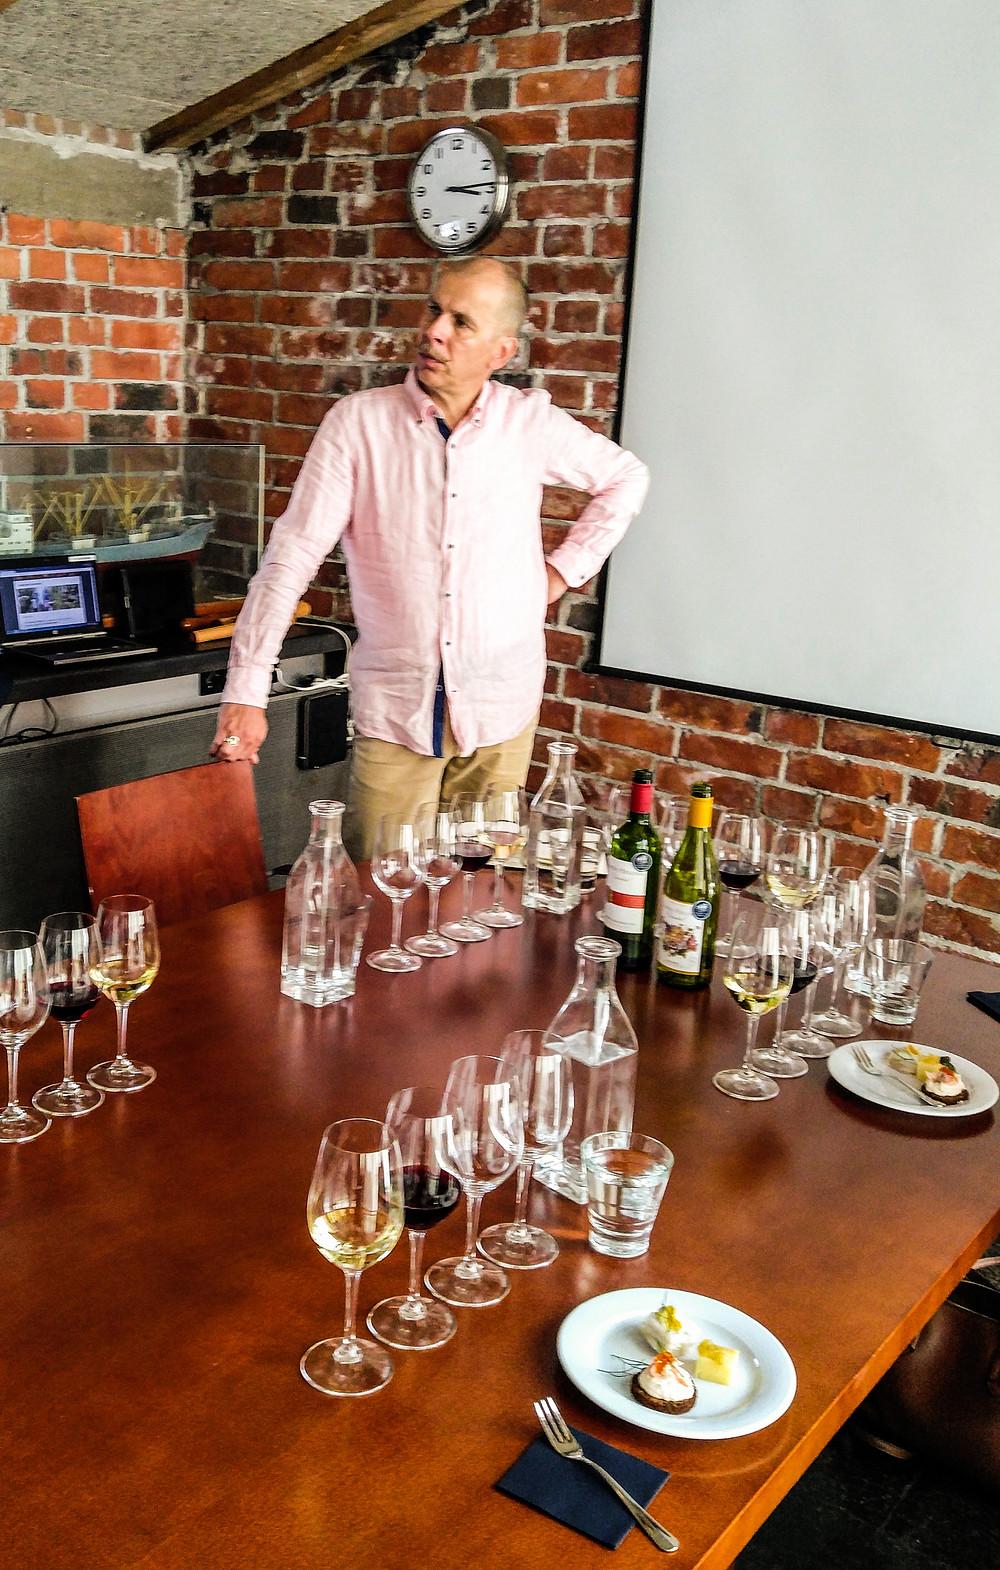 Janne Laiho, Pernod Ricard